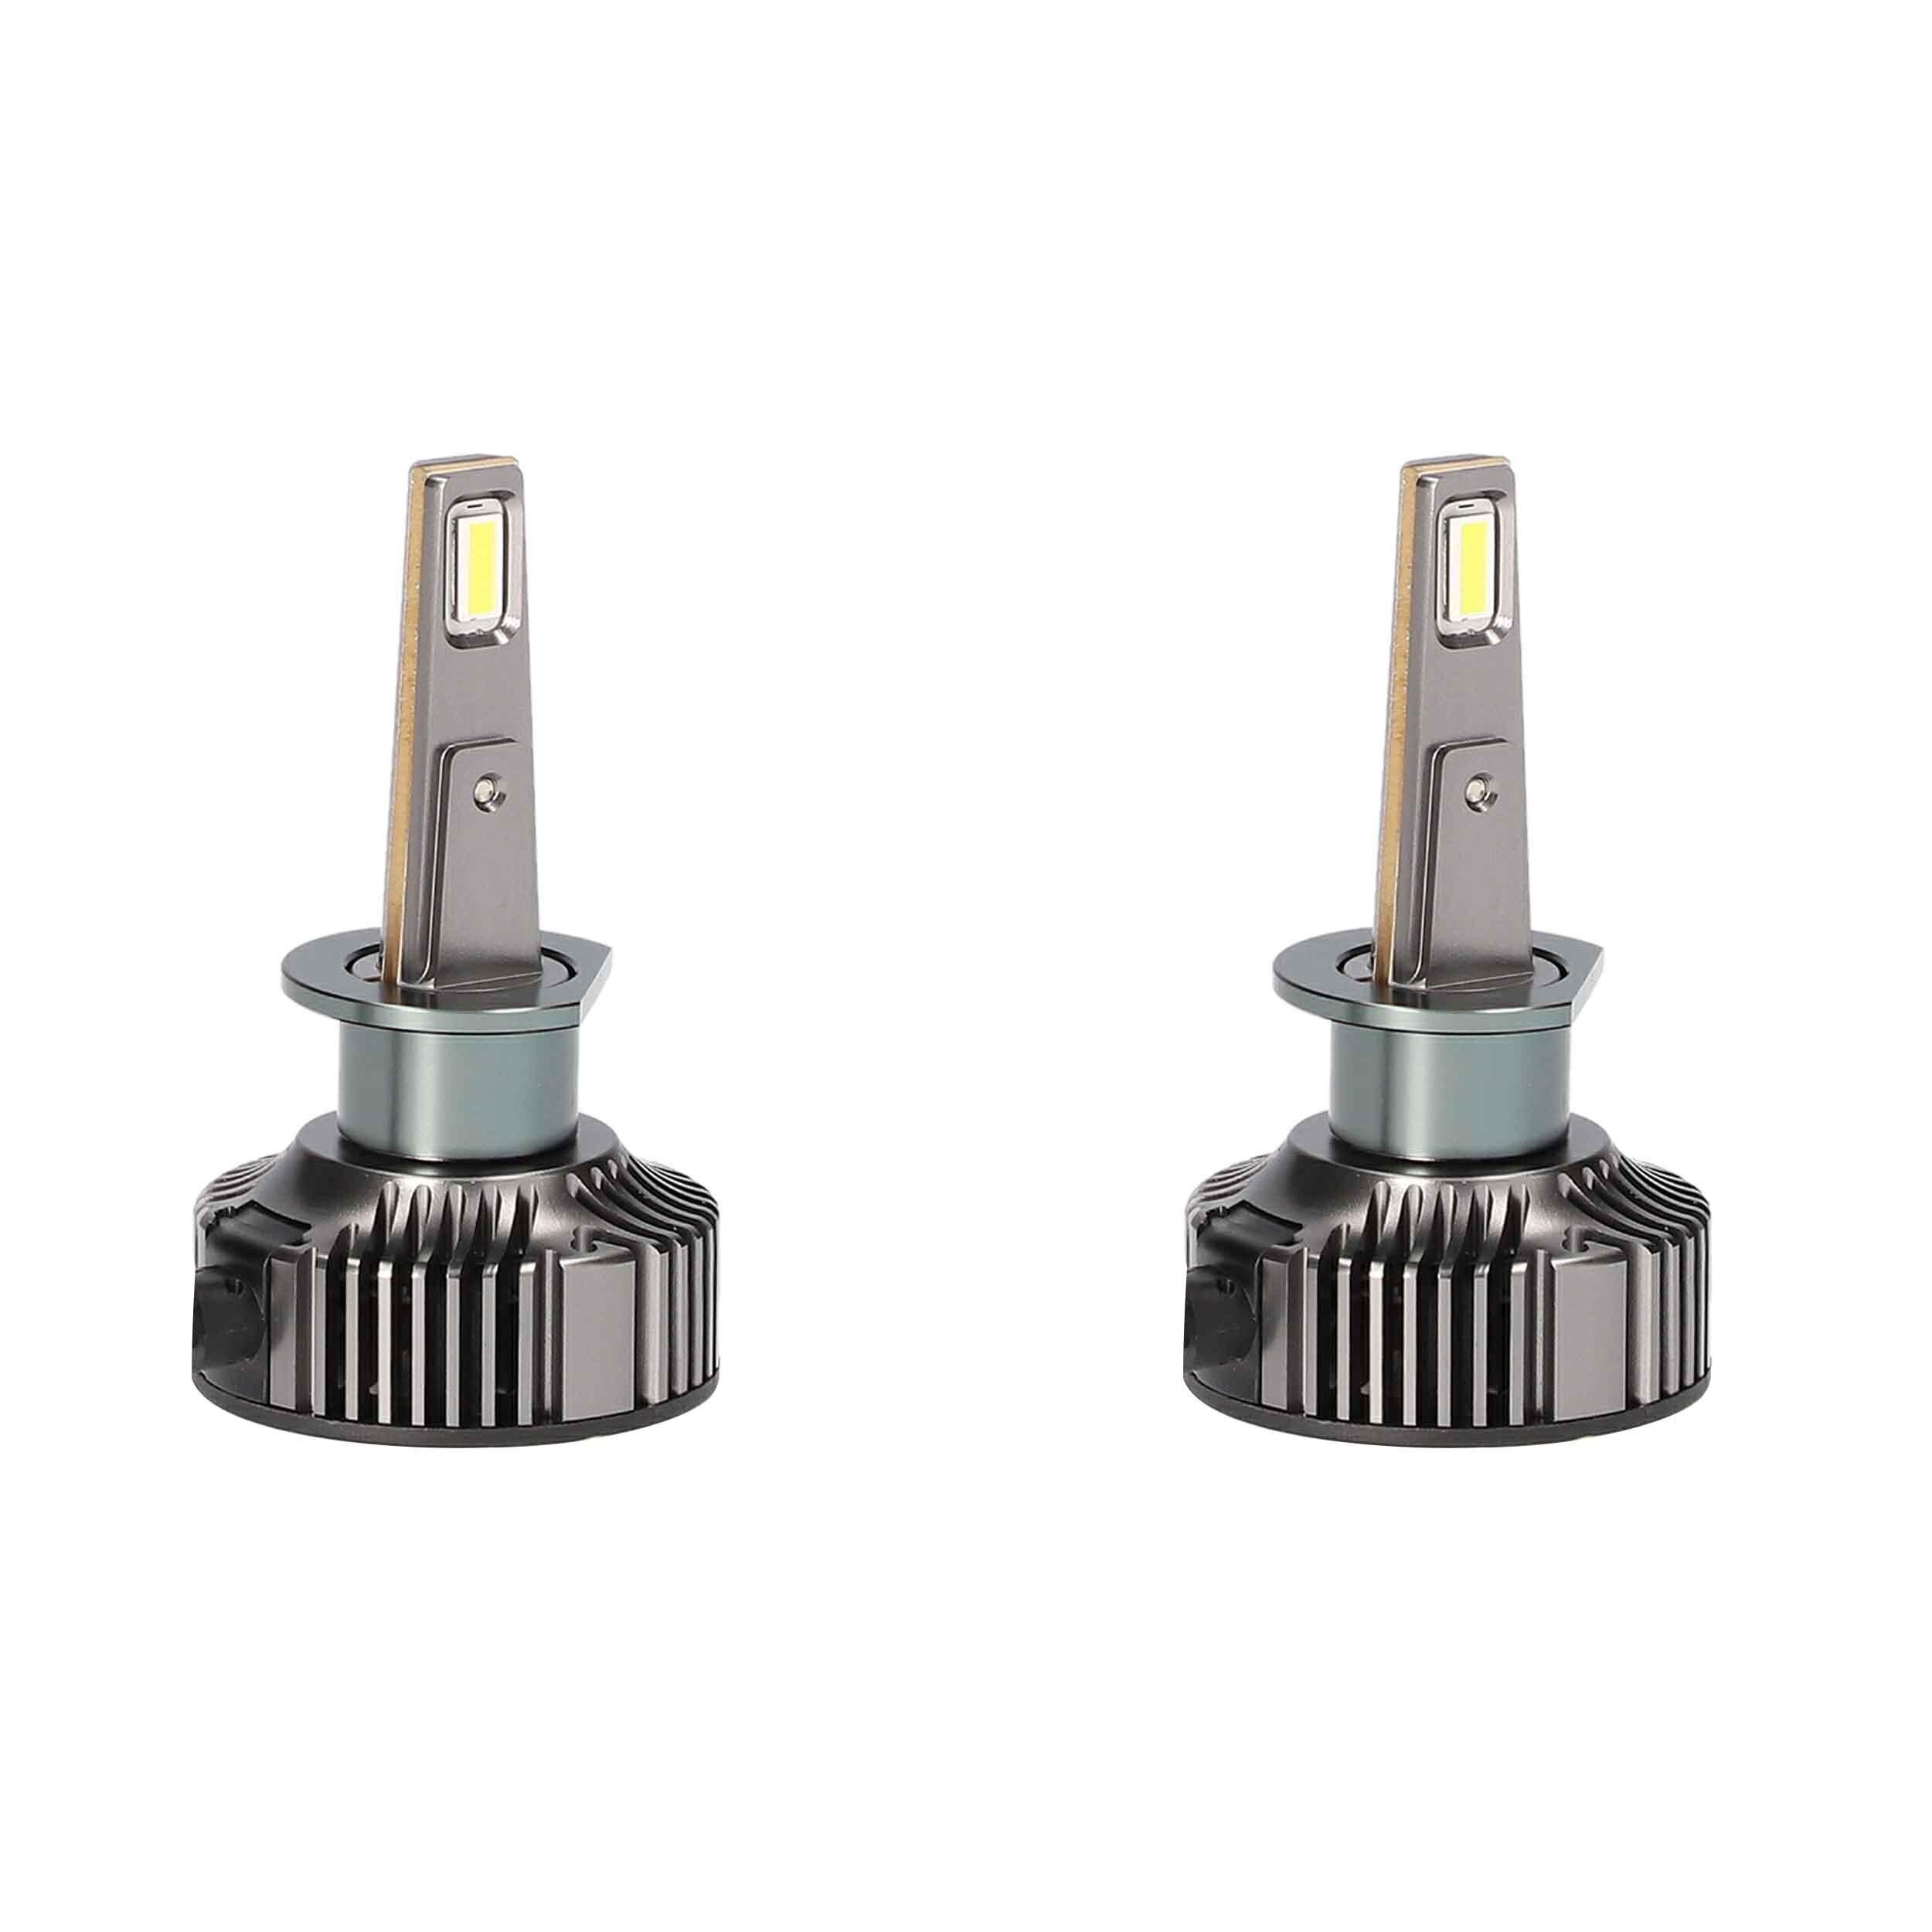 H1 Pro Series LED Kit - Single Beam